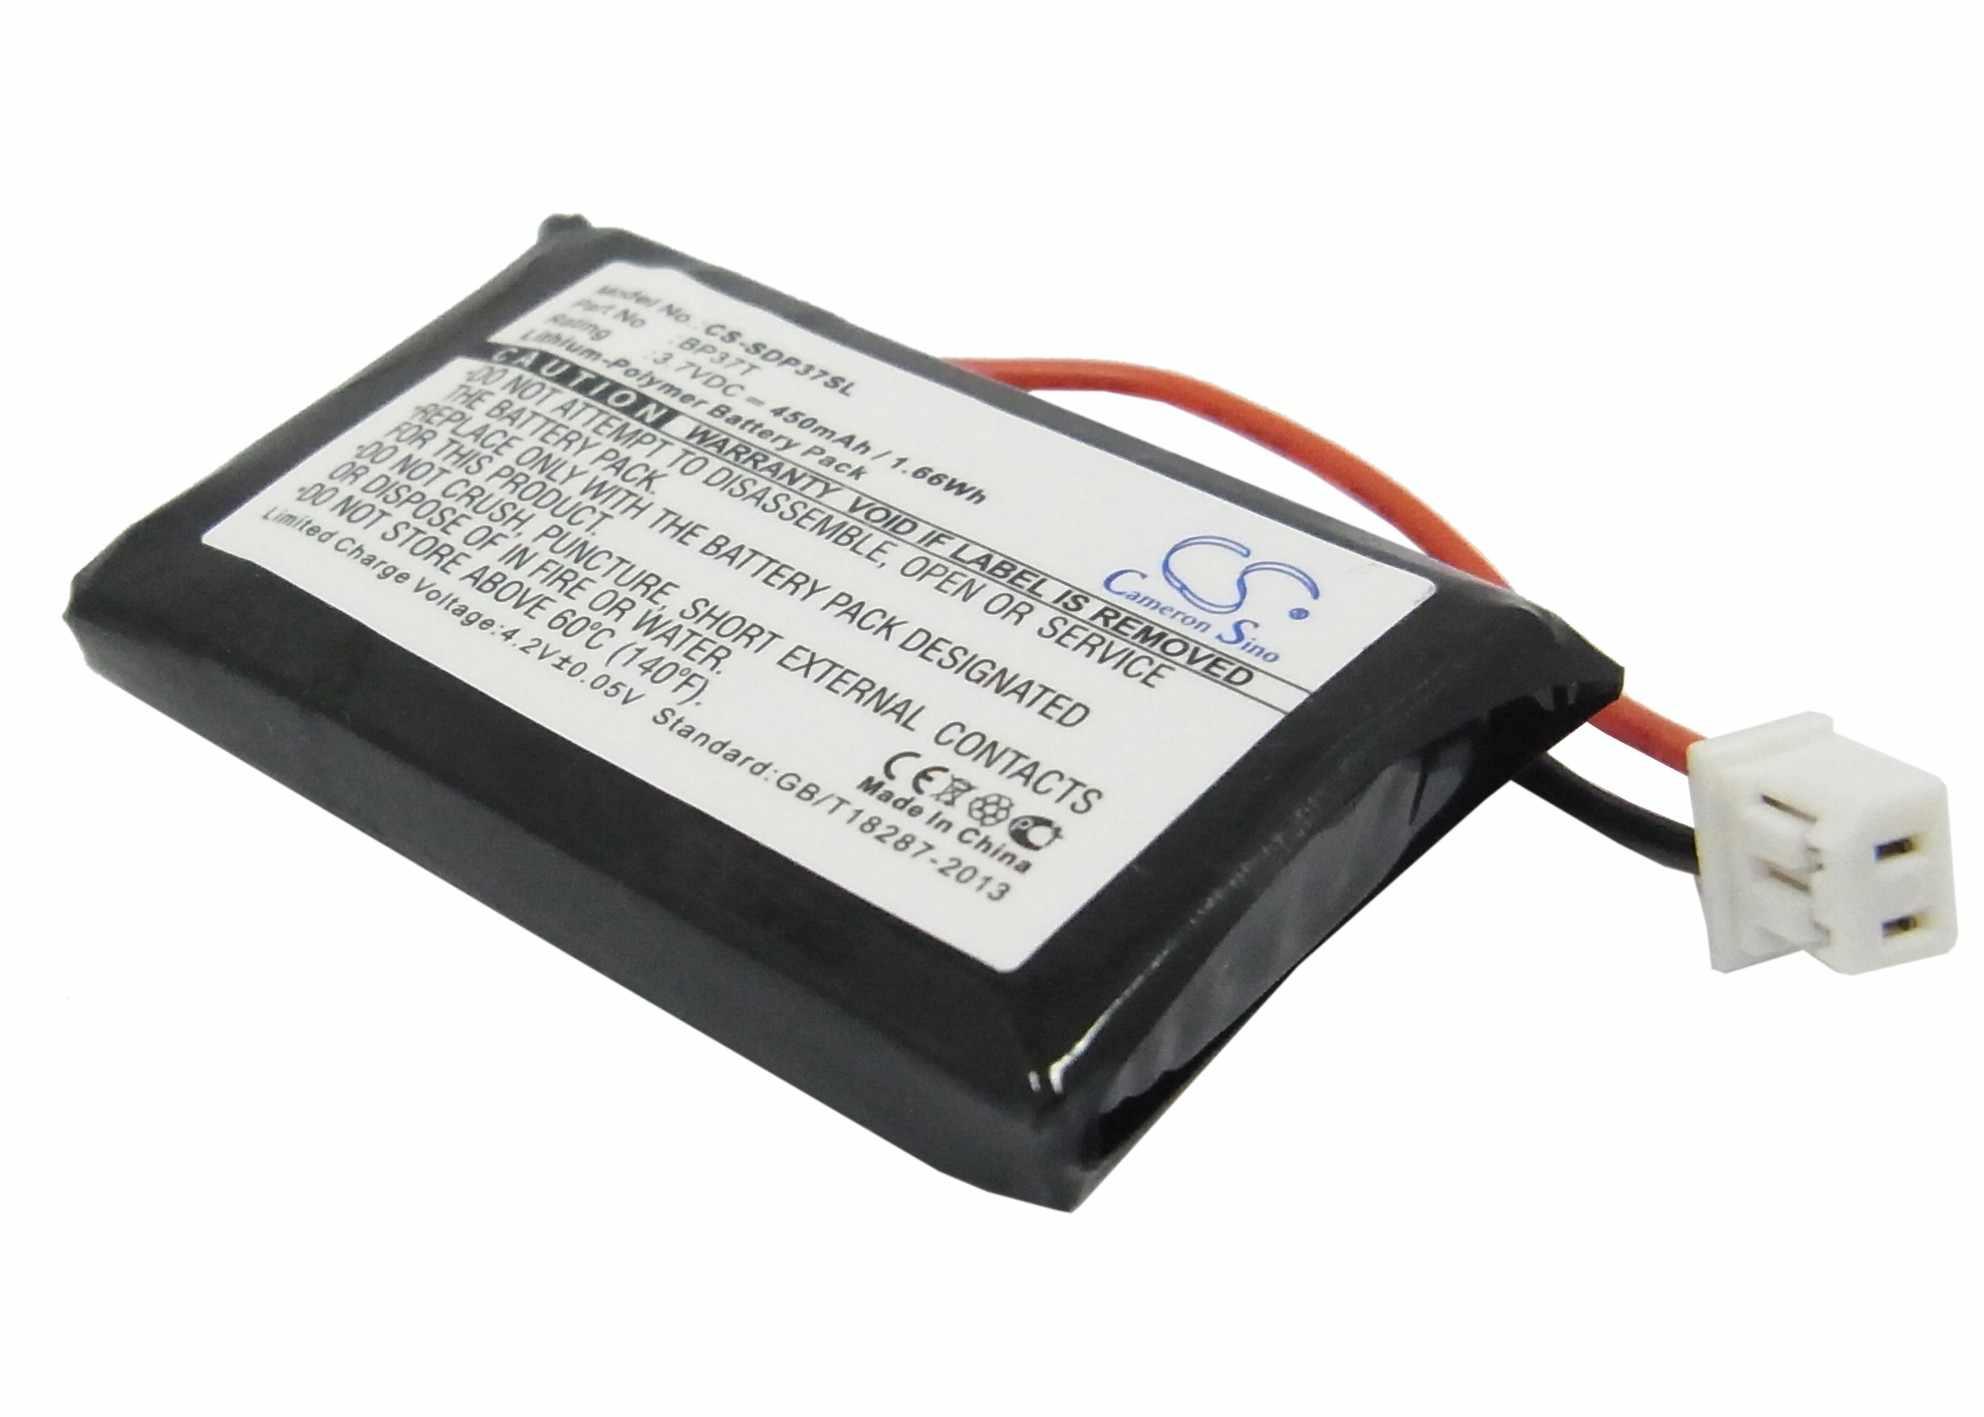 Cameron sino 450 mah bateria bp37t para dogtra da210, iq mais transmissor remoto, transmissor de qi, transmissor de qi